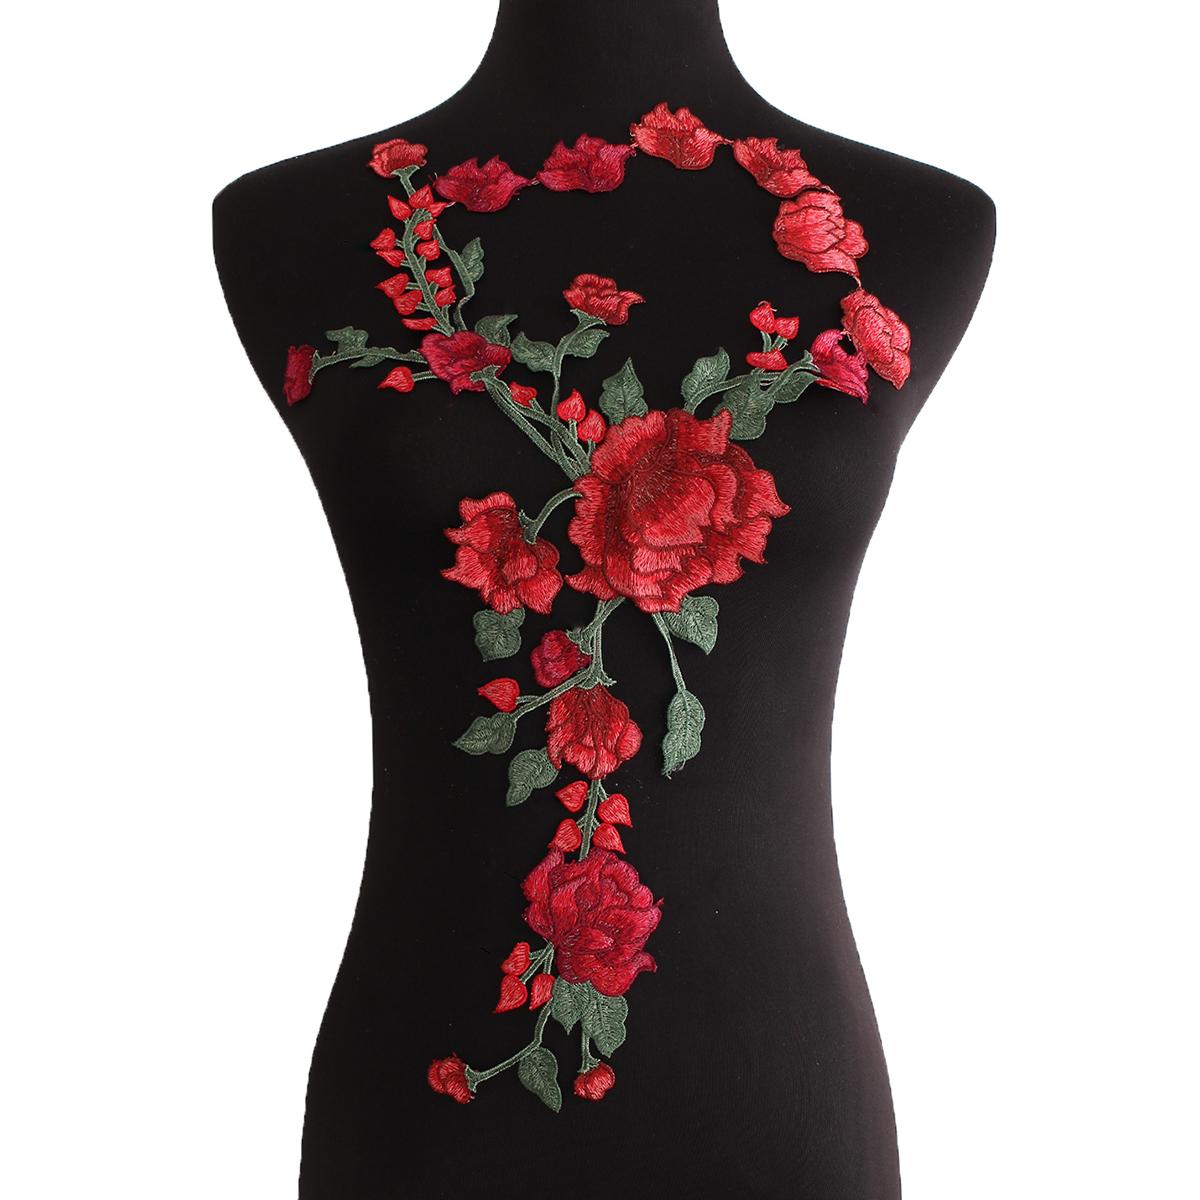 broderie ecusson patch thermocollant badge fleur rose tissu brod applique diy sur v tement. Black Bedroom Furniture Sets. Home Design Ideas